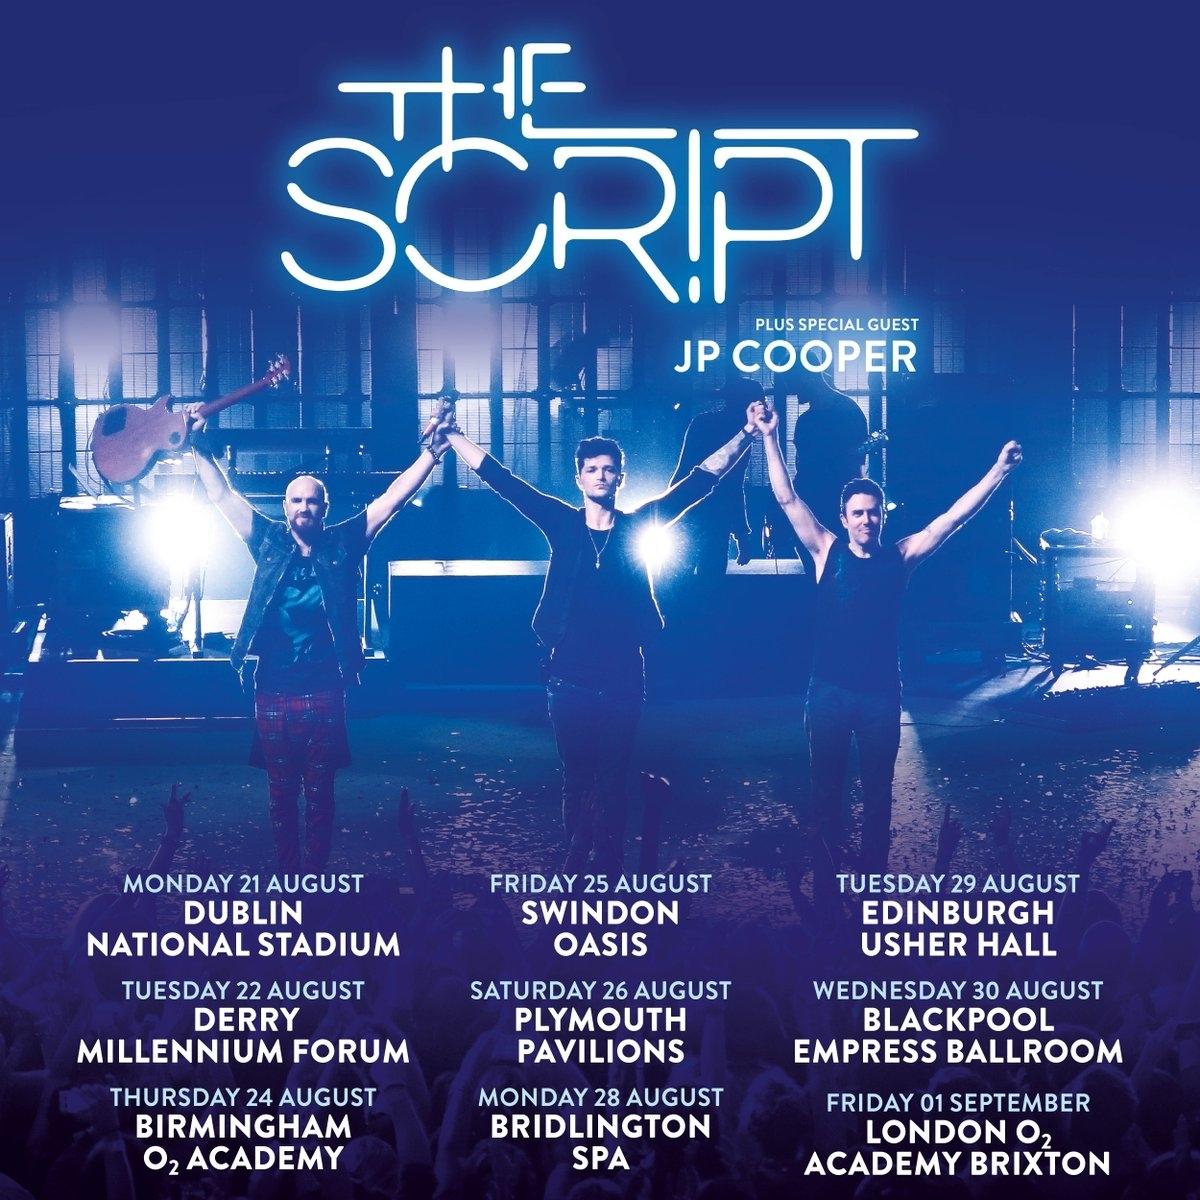 The Script tour